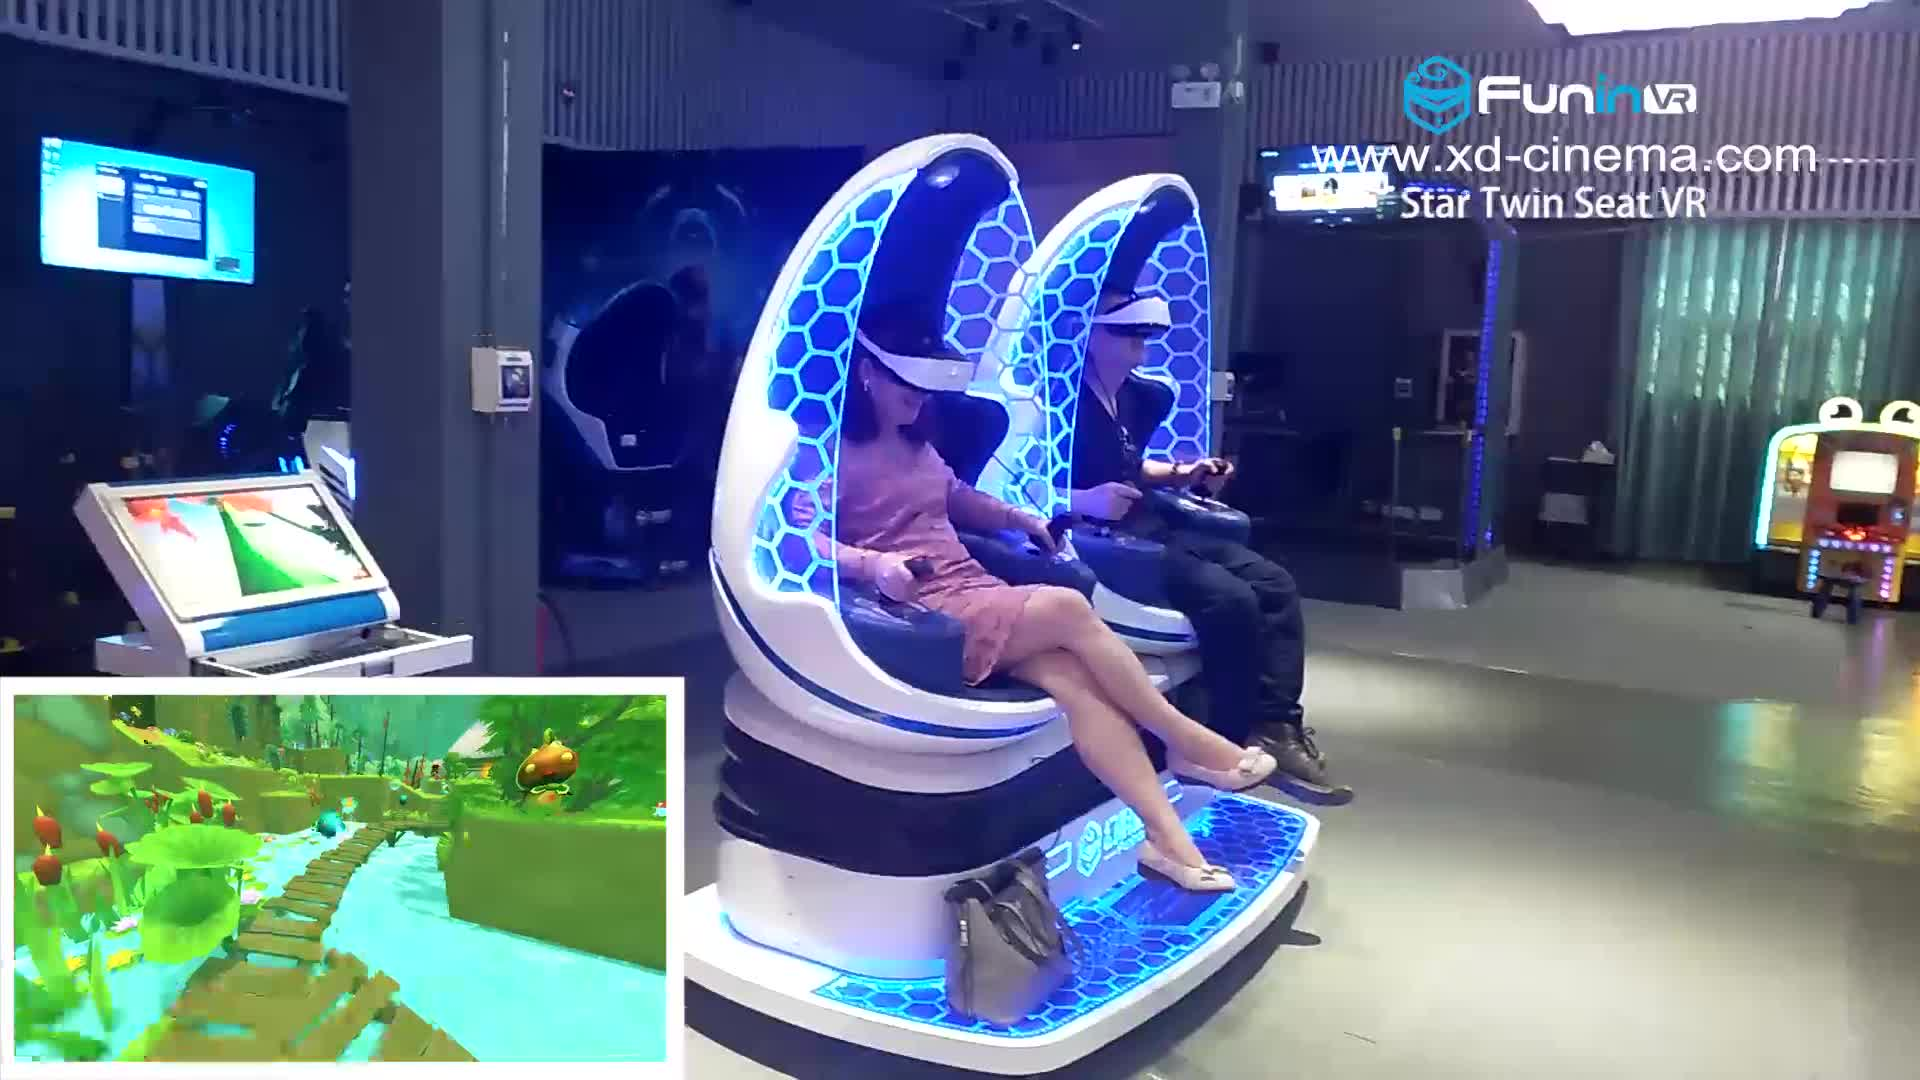 गतिशील 360 डिग्री इंटरैक्टिव वी. आर. सिम्युलेटर अनुभव आभासी वास्तविकता 9d वी. आर. अंडे की कुर्सी सिनेमा उपकरण 9D वी. आर.